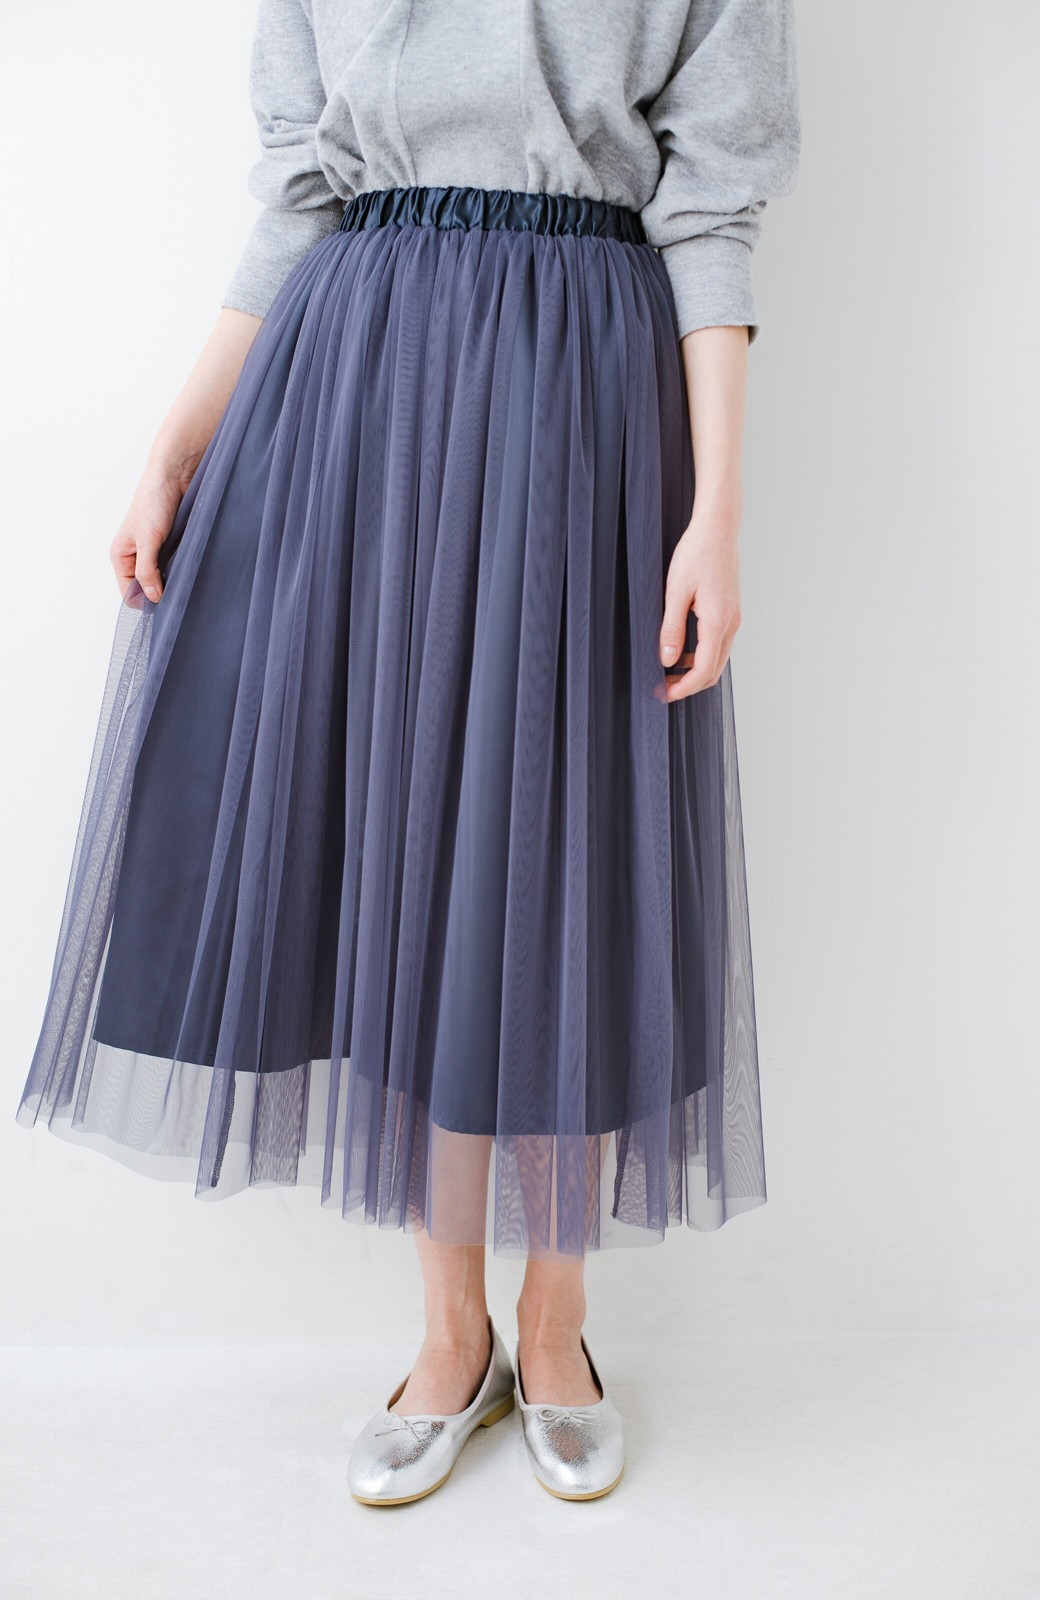 haco! 着るだけでルンとした気分になる! 長ーーい季節着られてずっと使えるオトナのためのチュールスカート <ネイビー>の商品写真1